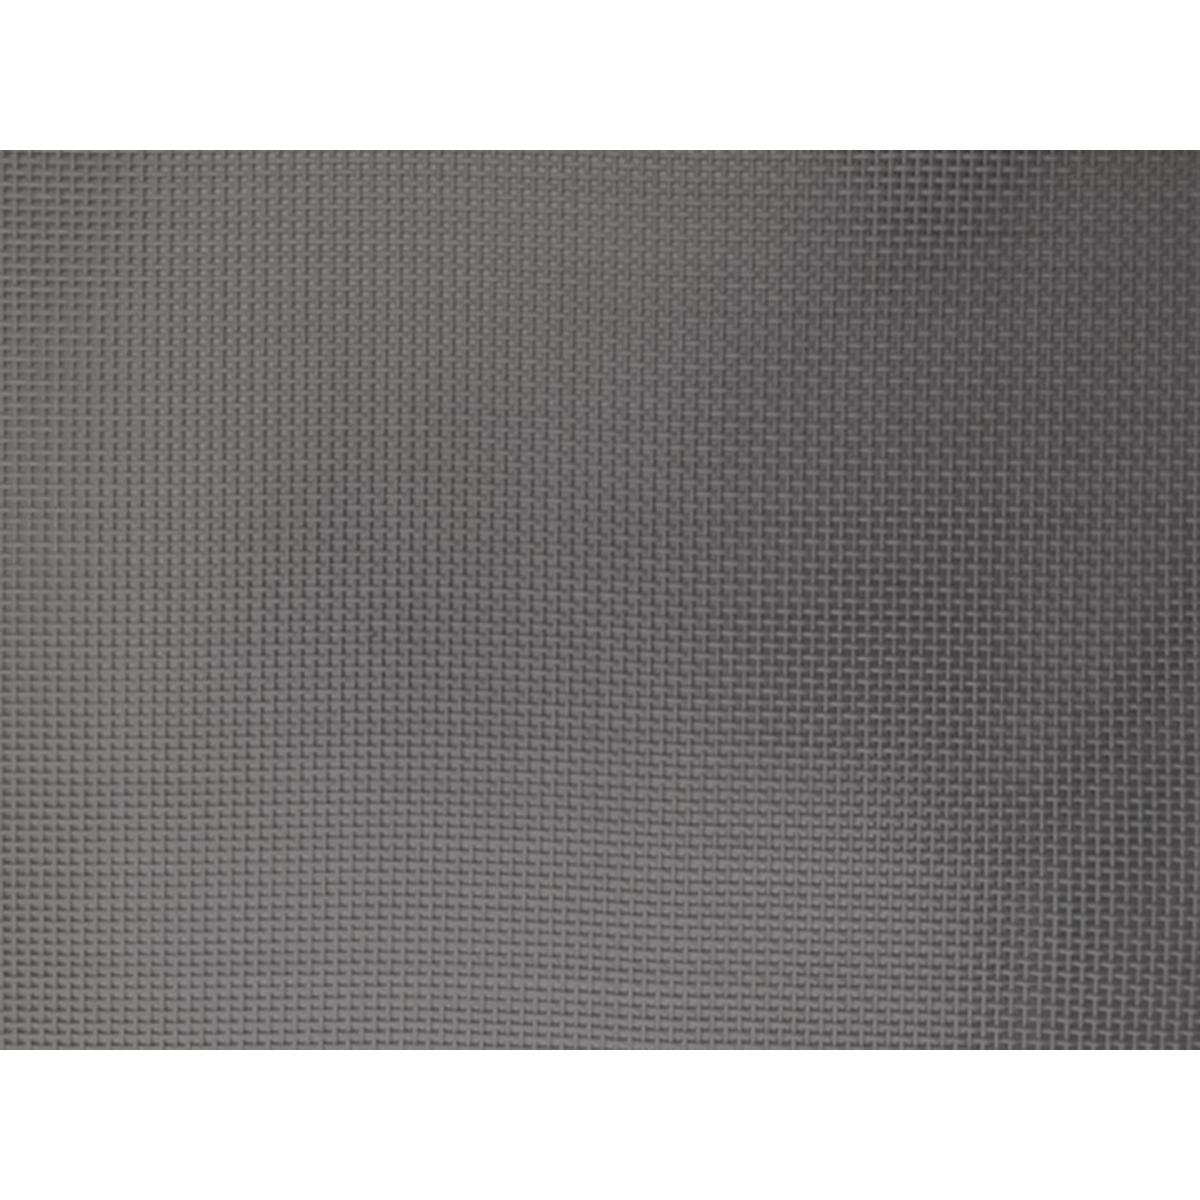 Toile au mètre pour mobilier extérieur - Ciment - 1.4 m